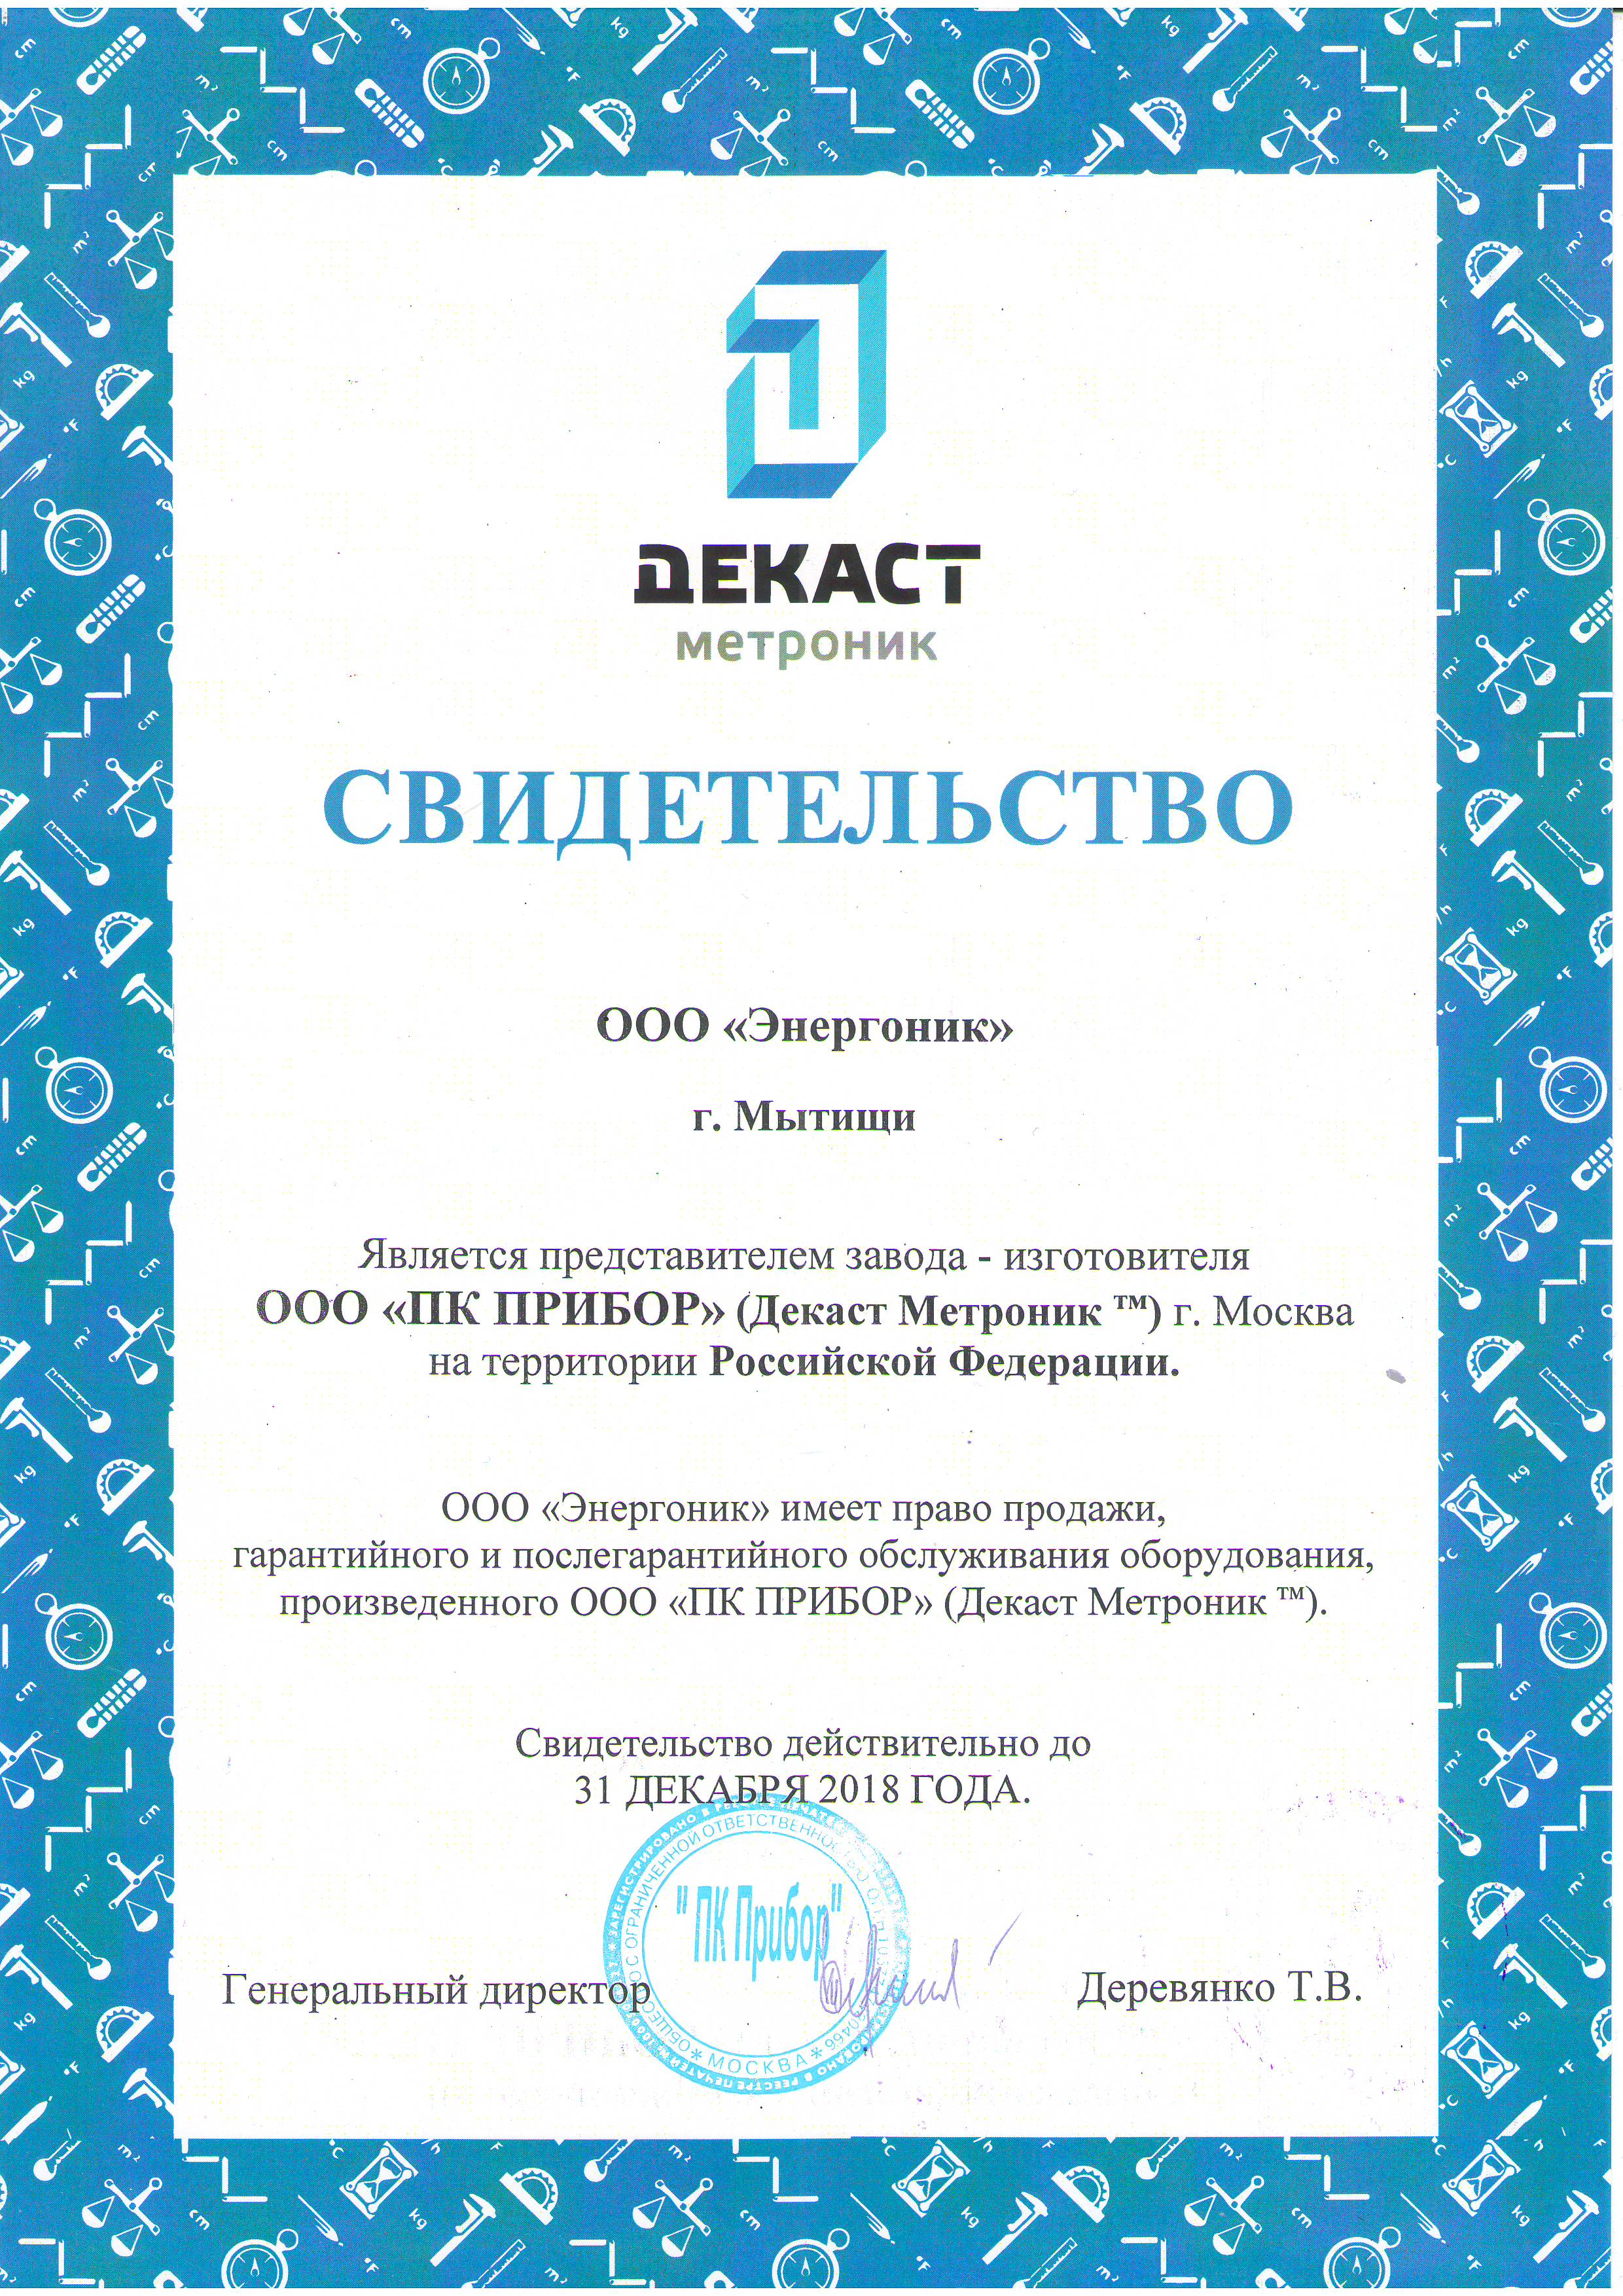 Сертификат представителя ООО